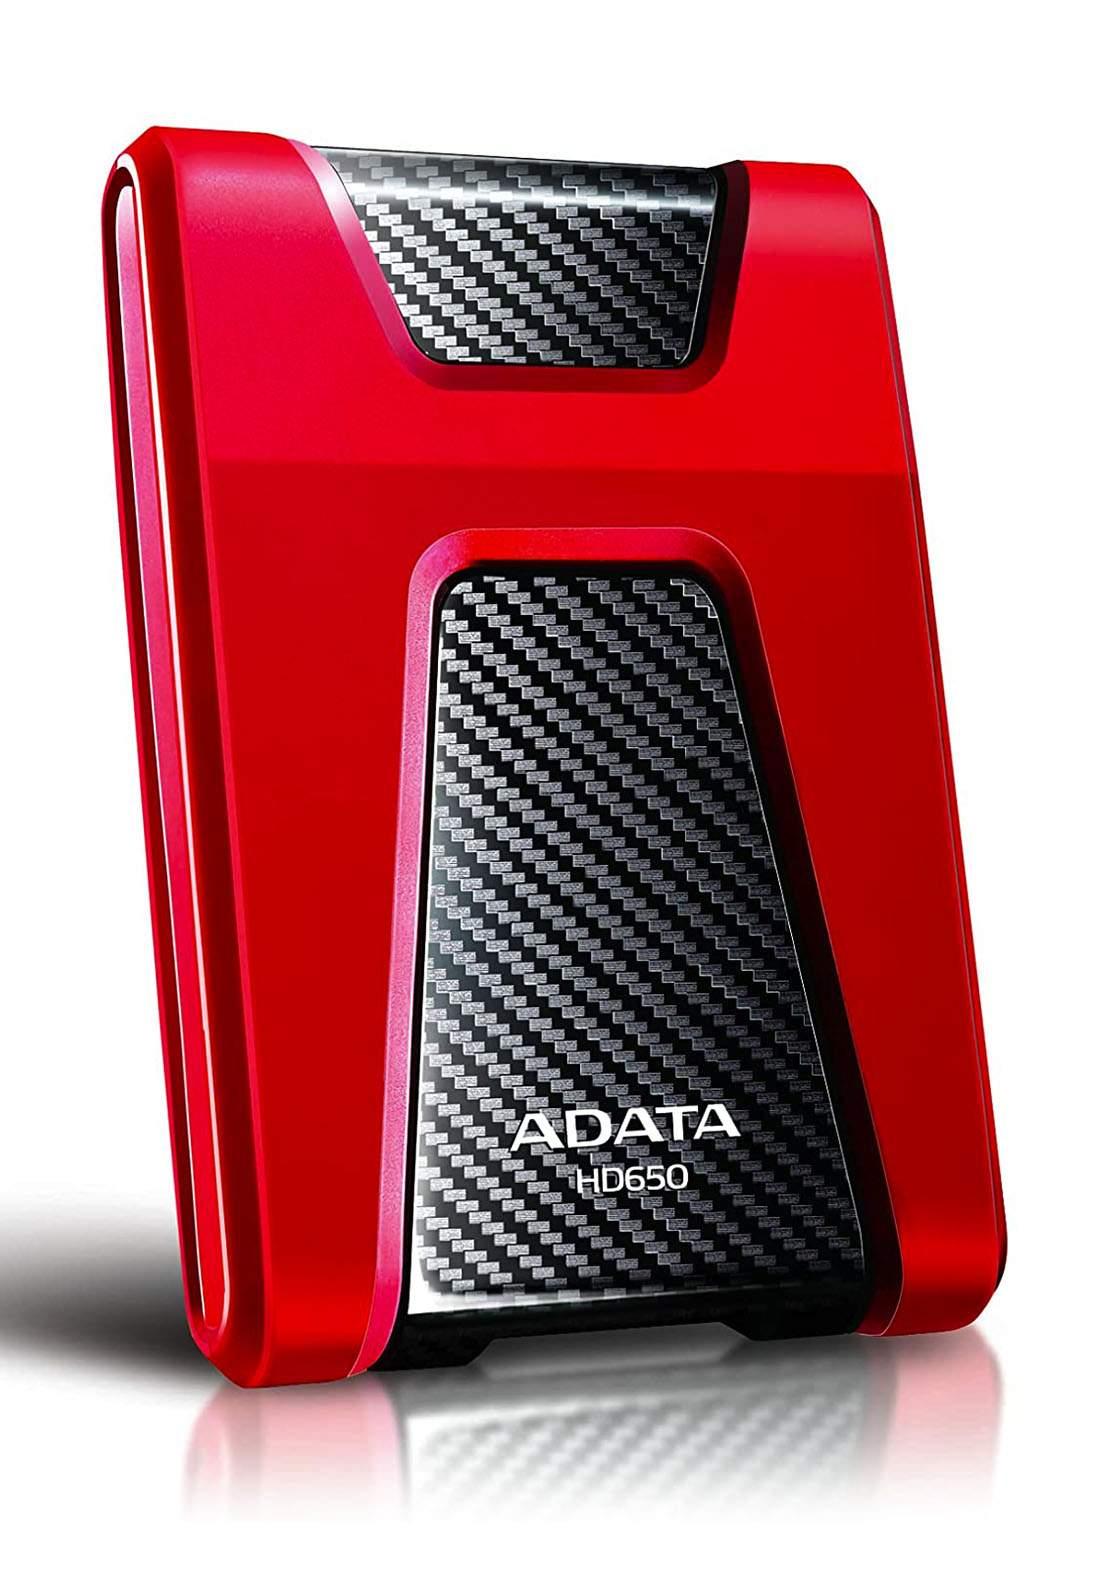 ADATA External HDD HD650 1TB  - Red هارد خارجي